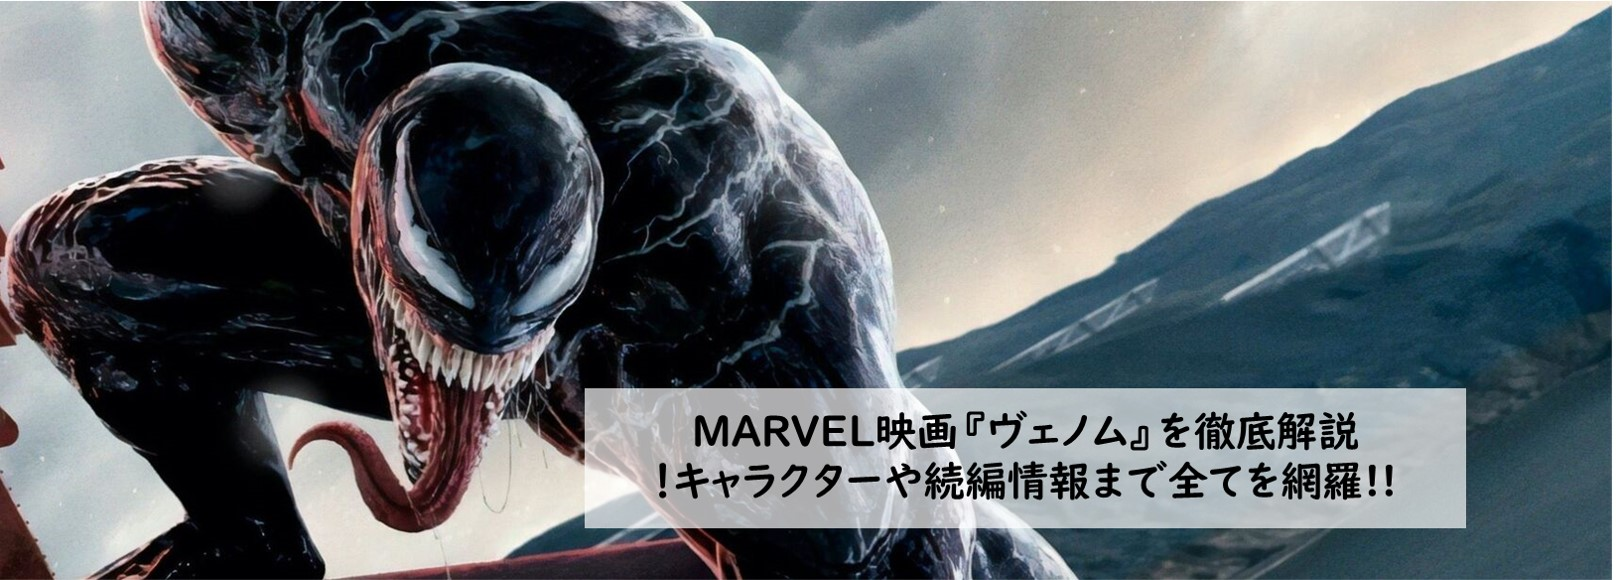 MARVEL映画『ヴェノム』を徹底解説!キャラクターや続編情報まで全てを網羅!!これで一挙に総復習_TOP